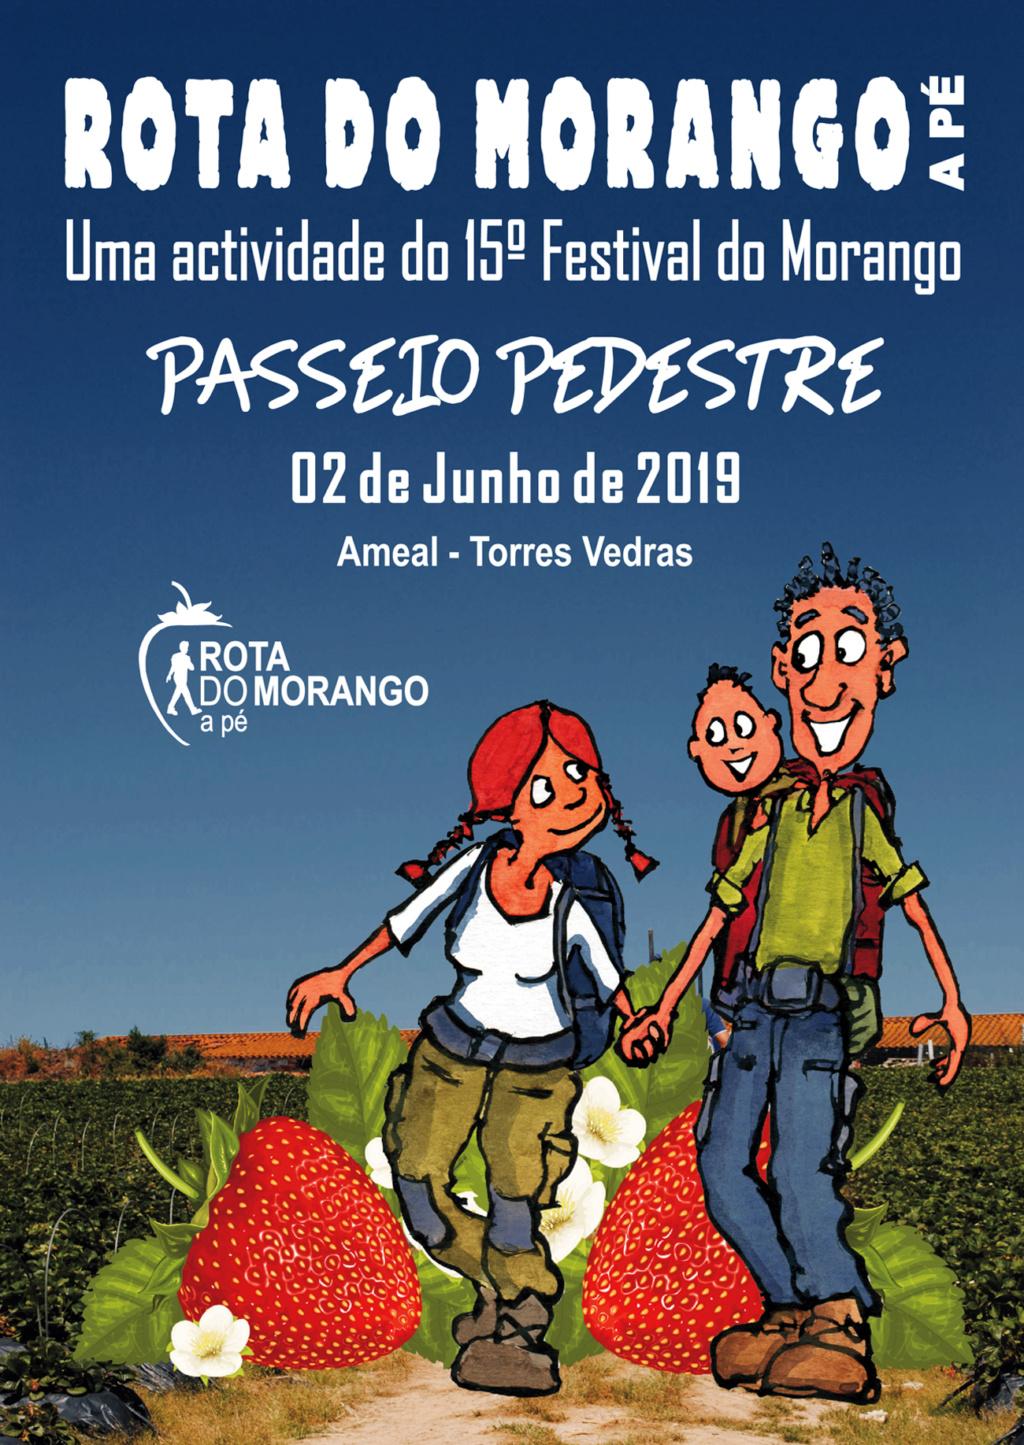 """2019/06/02 - Passeio Pedestre """"Rota do Morango a Pé"""" Ameal - Torres Vedras Cartaz12"""